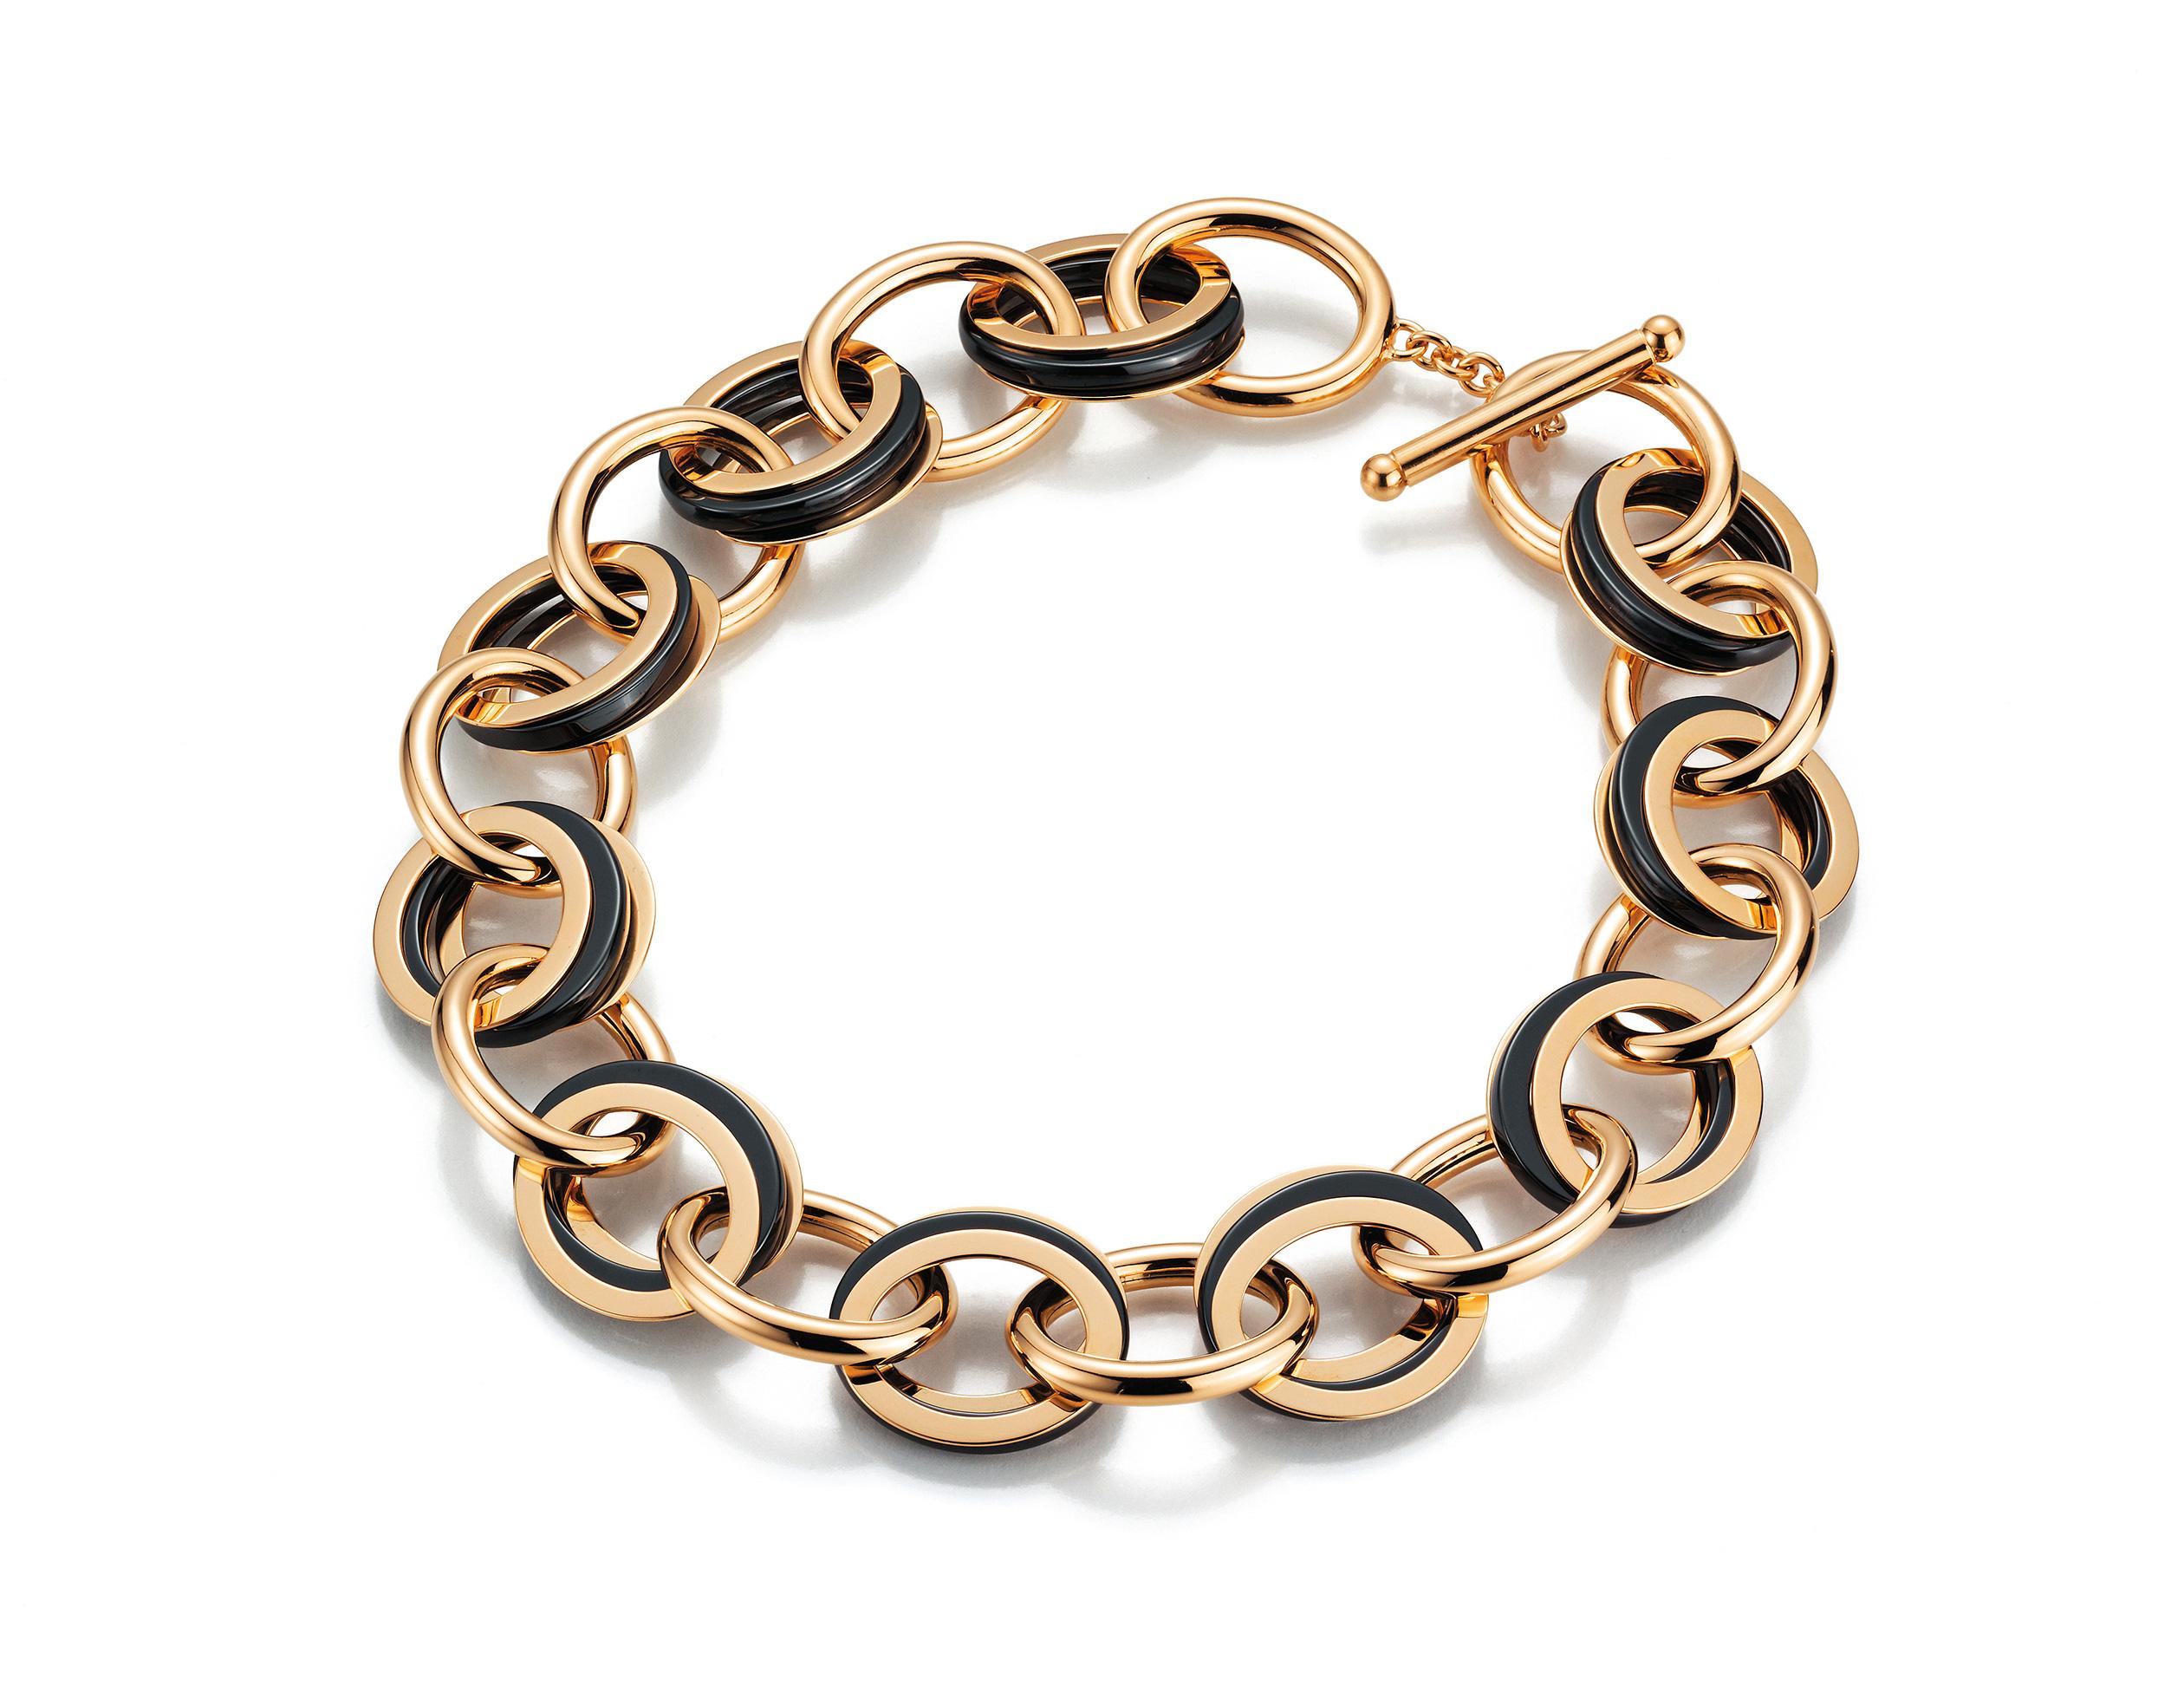 Produktbild Goldkette Ovaler Anker